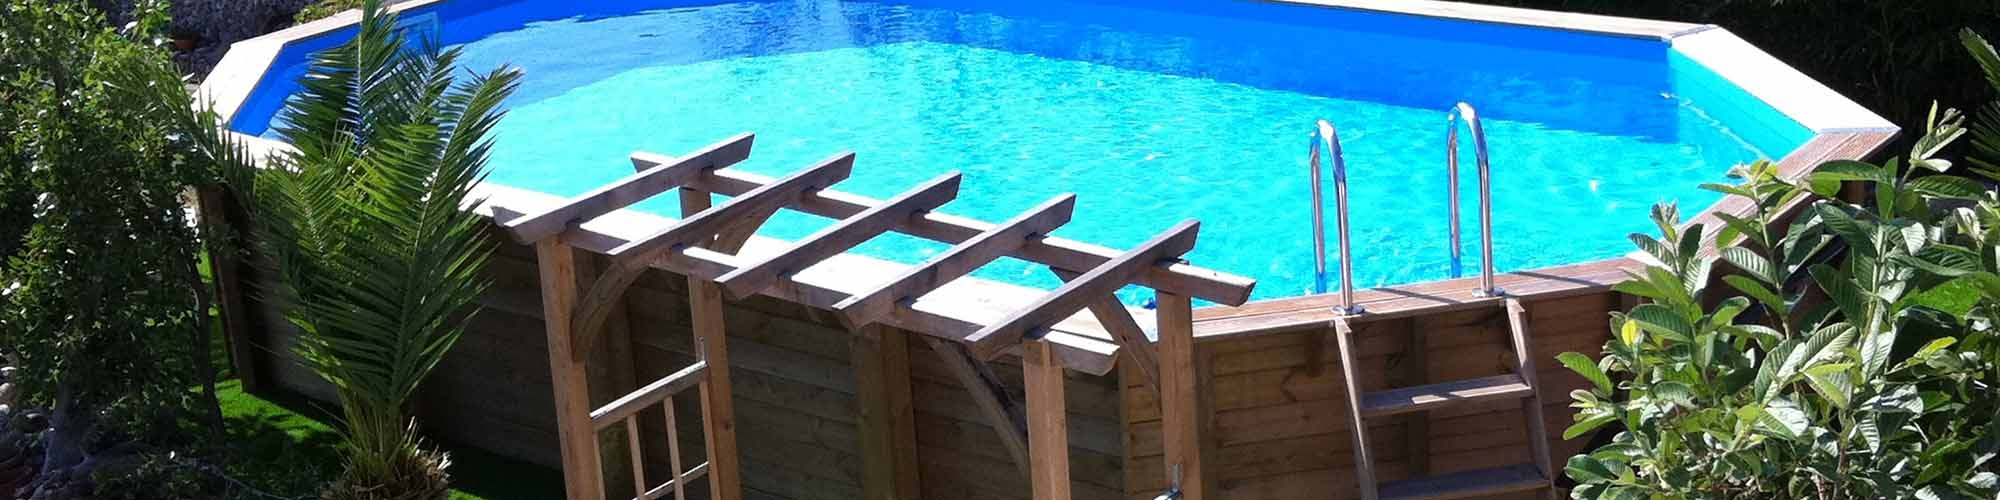 Piscine Hors Sol Bois Petite Taille à piscine hors sol bois : modèle en bois le plus design? - conseil